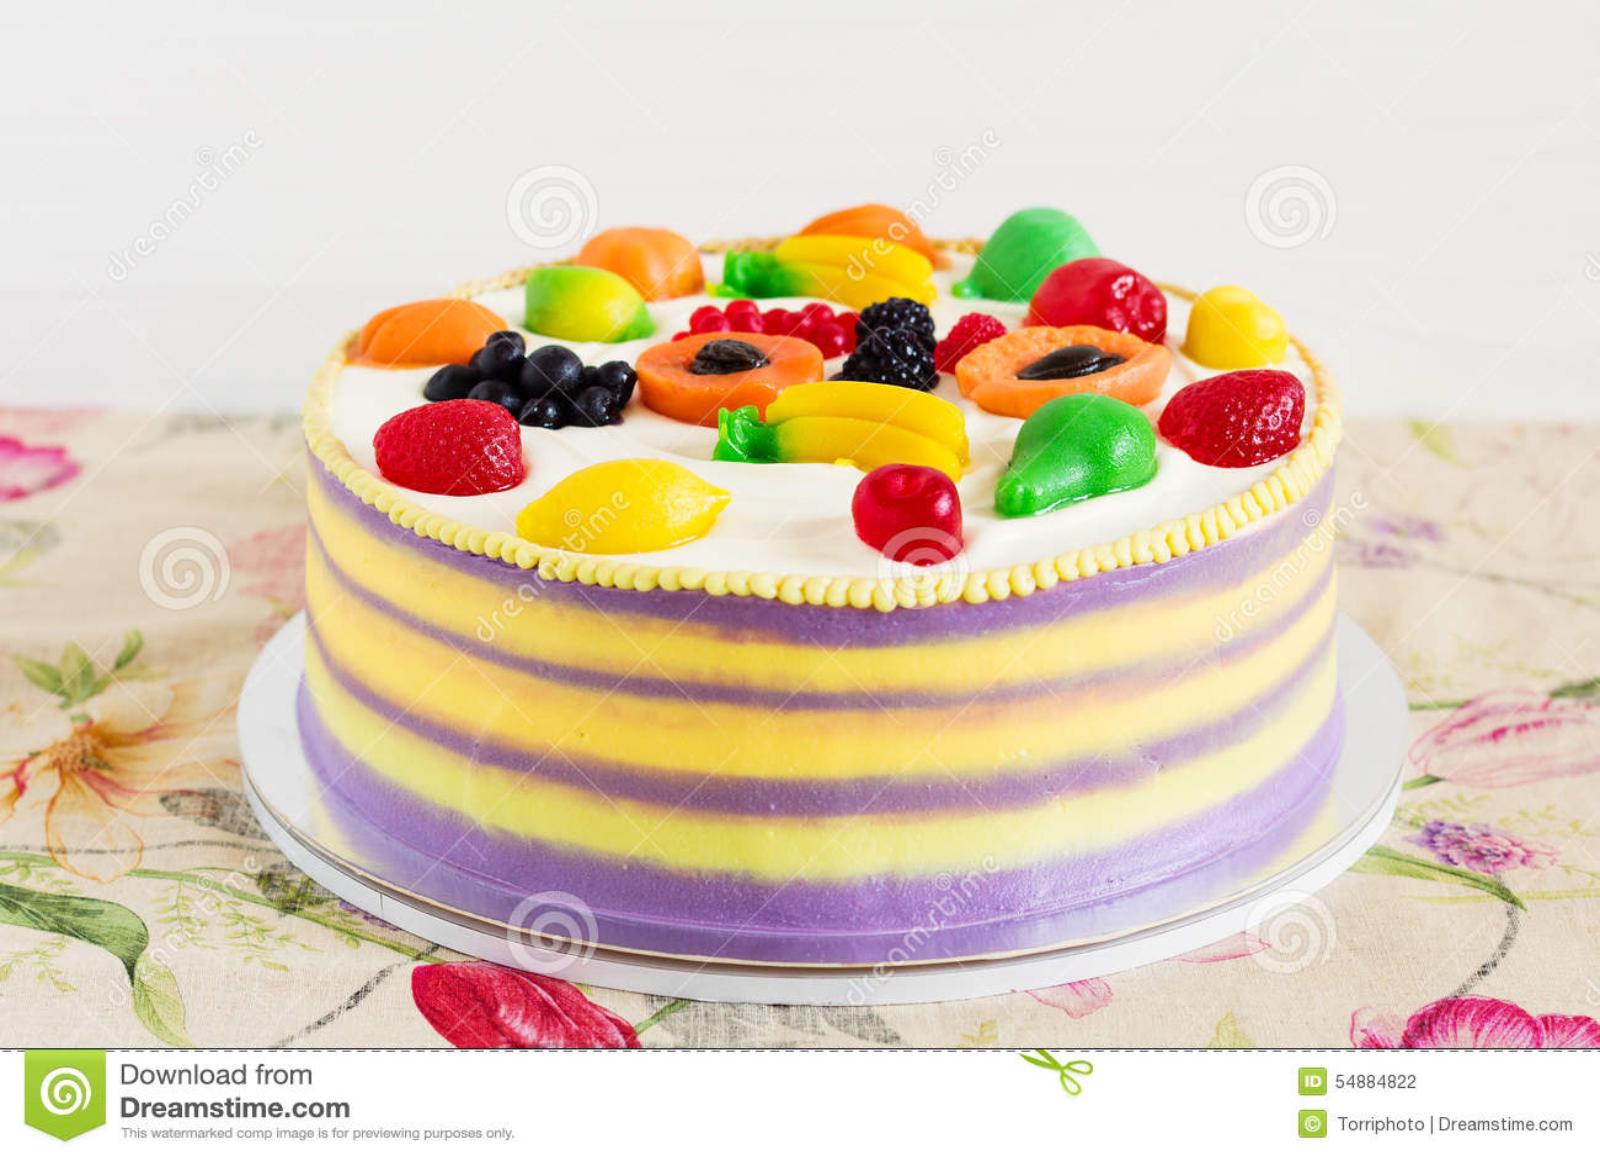 Bunter Kuchen Mit Fruchtgelee Fur Kinderpartei Stockfoto Bild Von